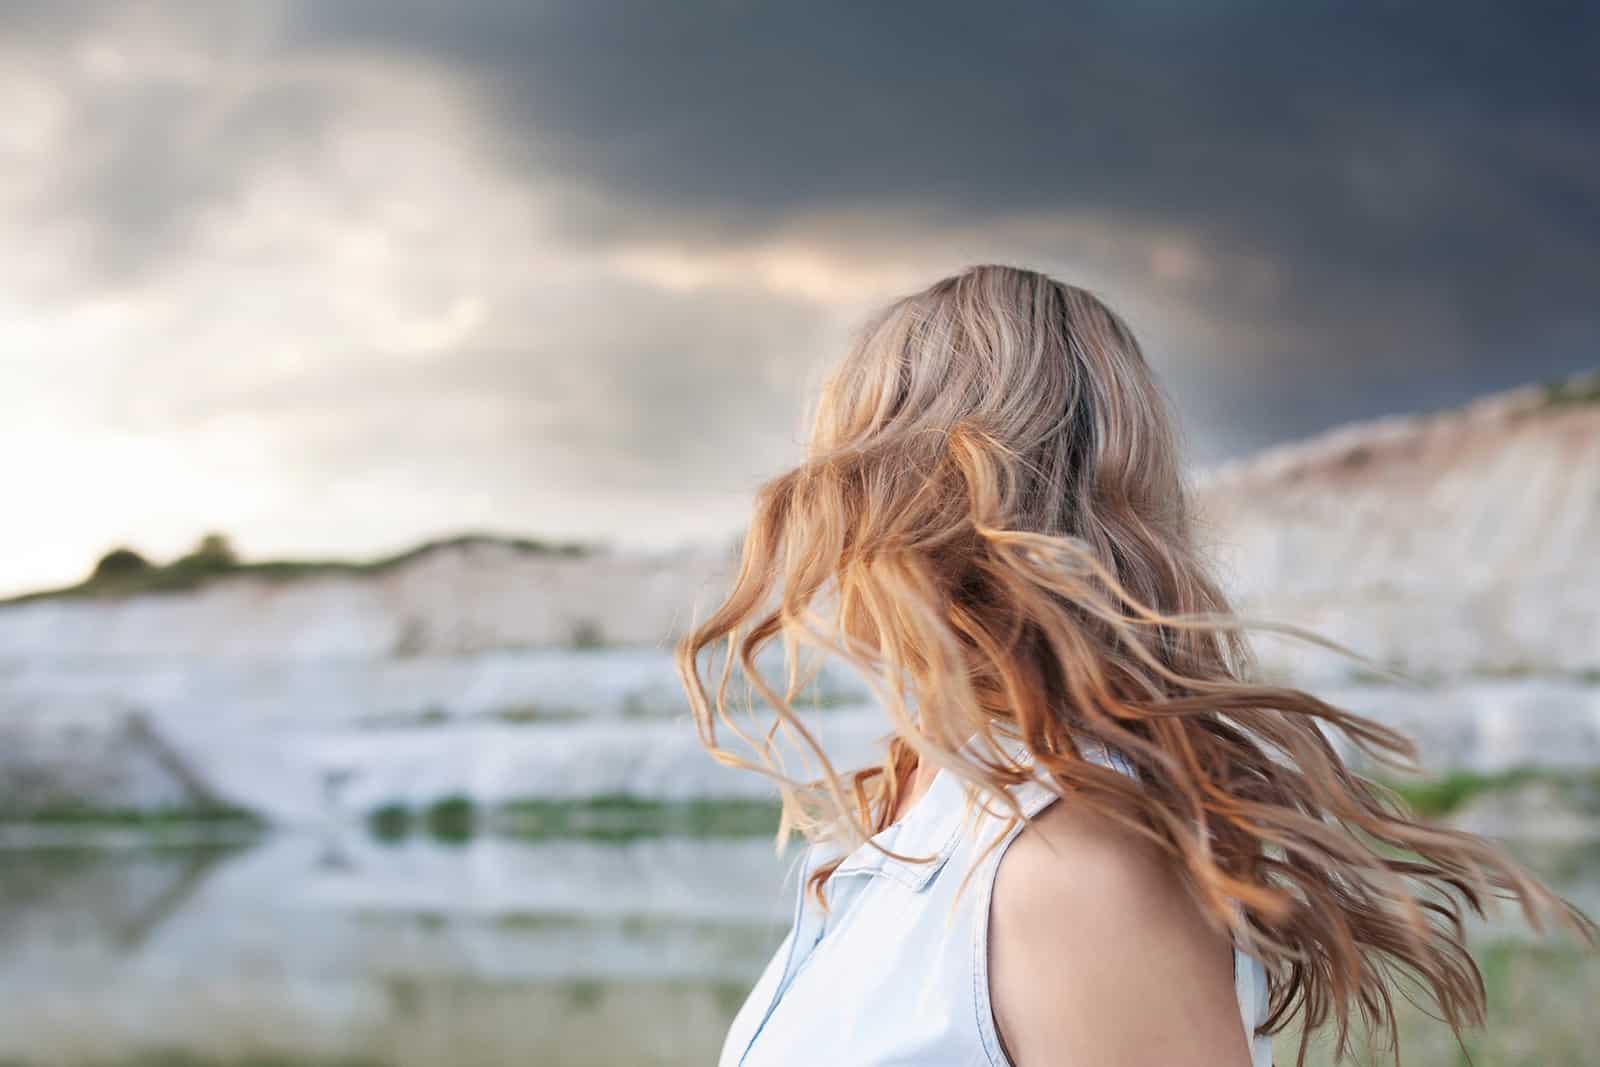 eine Frau mit langen blonden Haaren, die im Wind gegen den Gewitterhimmel stehen